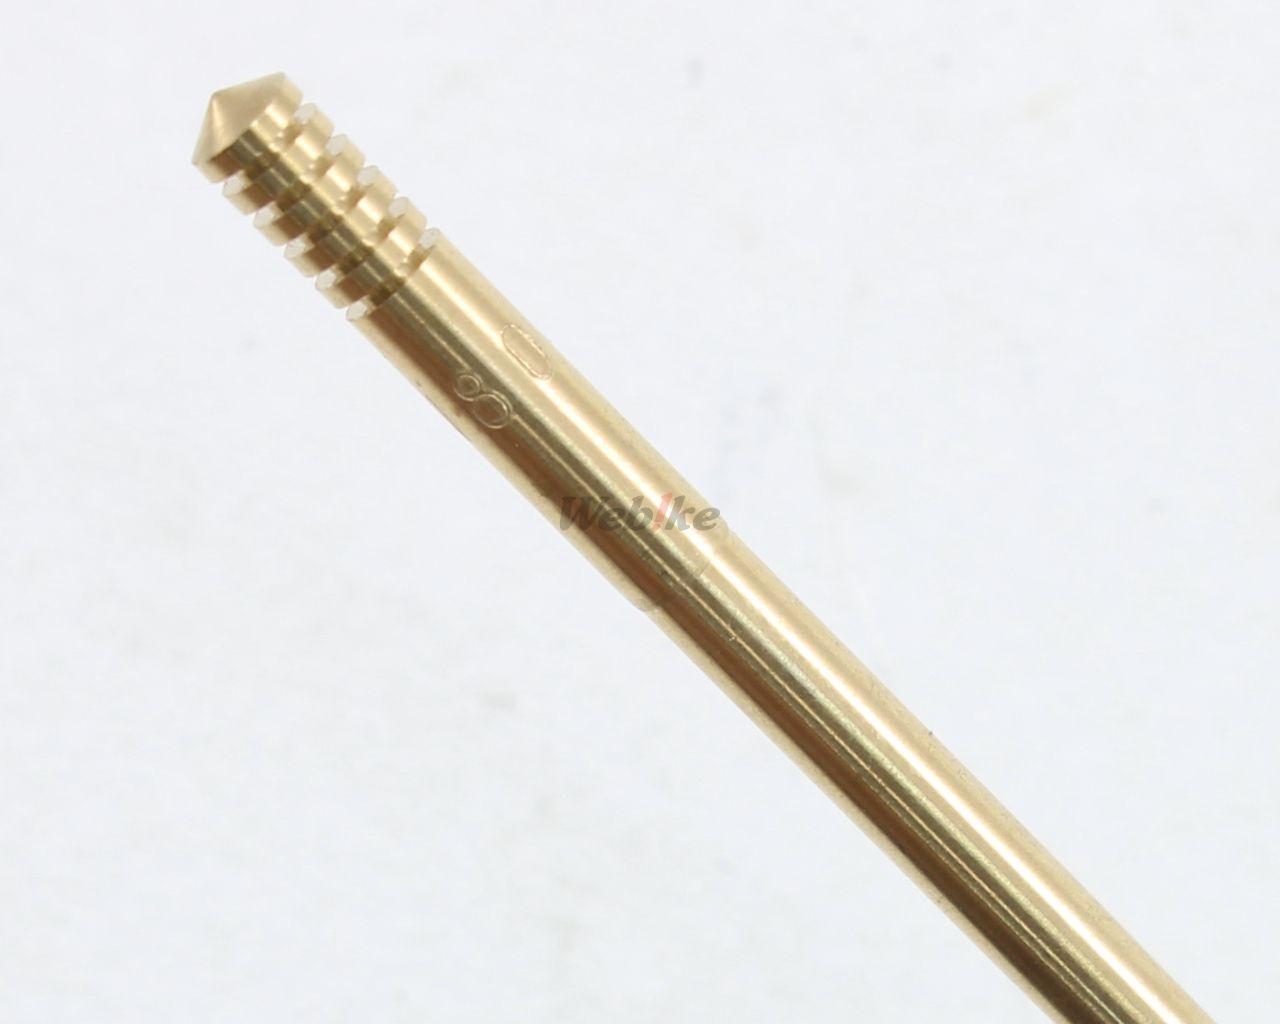 【KITACO】PWK28 JNeedle N80J - 「Webike-摩托百貨」